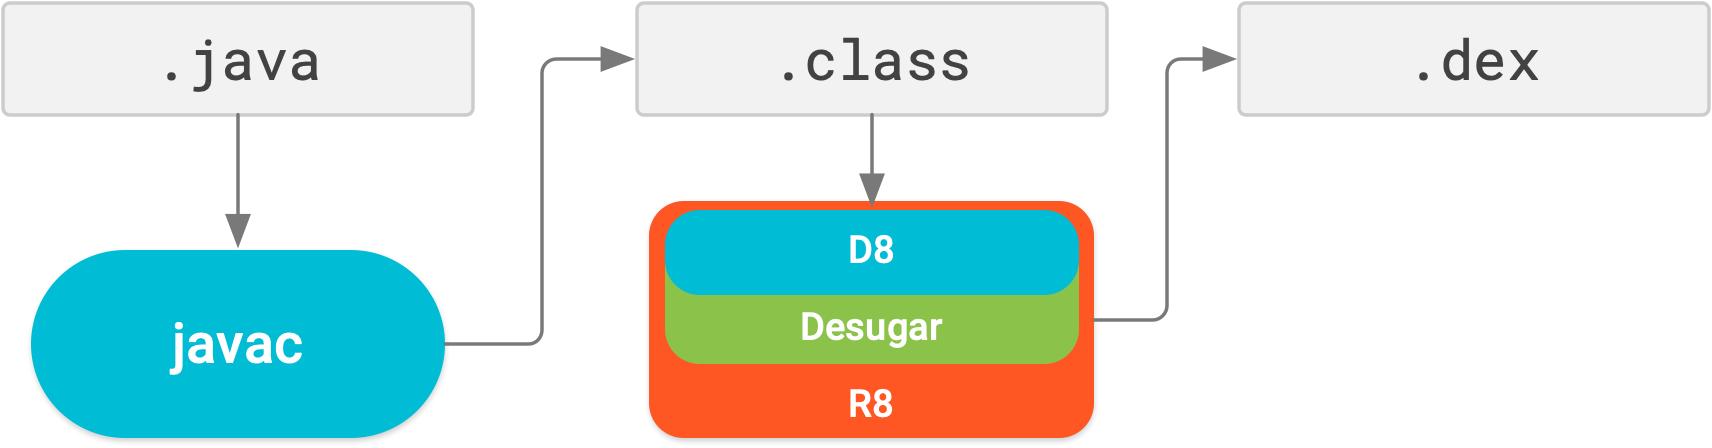 有了 R8,可以在一个编译步骤中执行脱糖、压缩、混淆、优化和 dex。